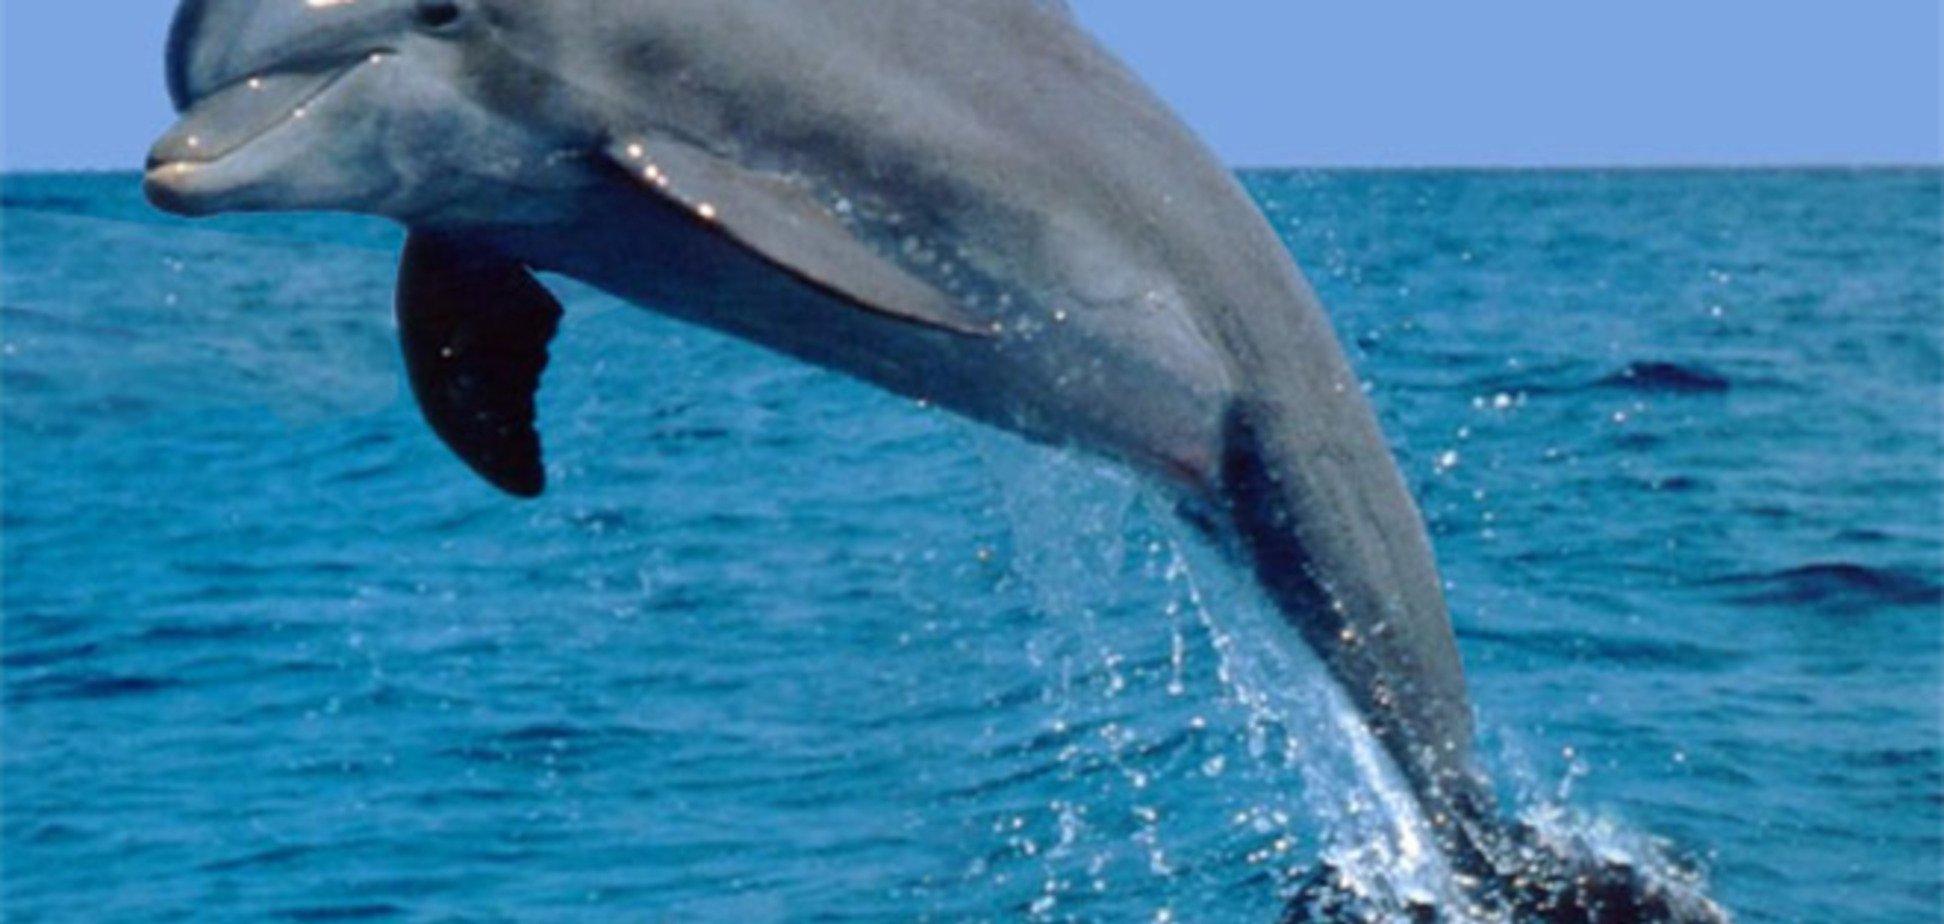 Скандал з дельфіном в Криму: сільрада повідомили, що тварина була мертвим